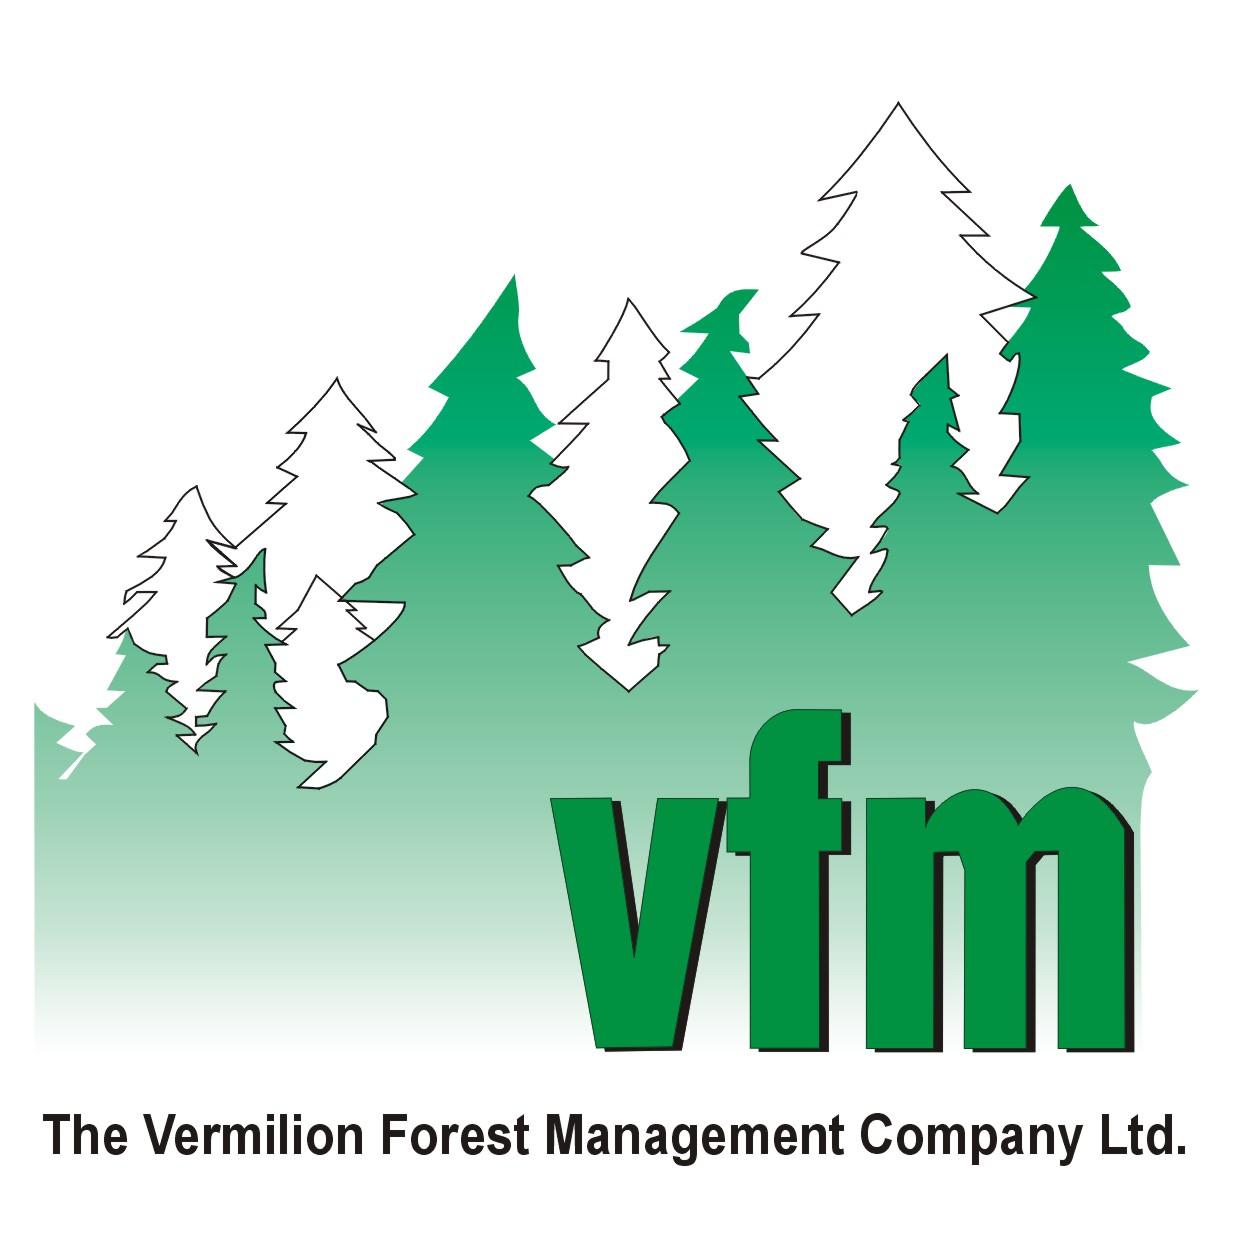 vfm_logo